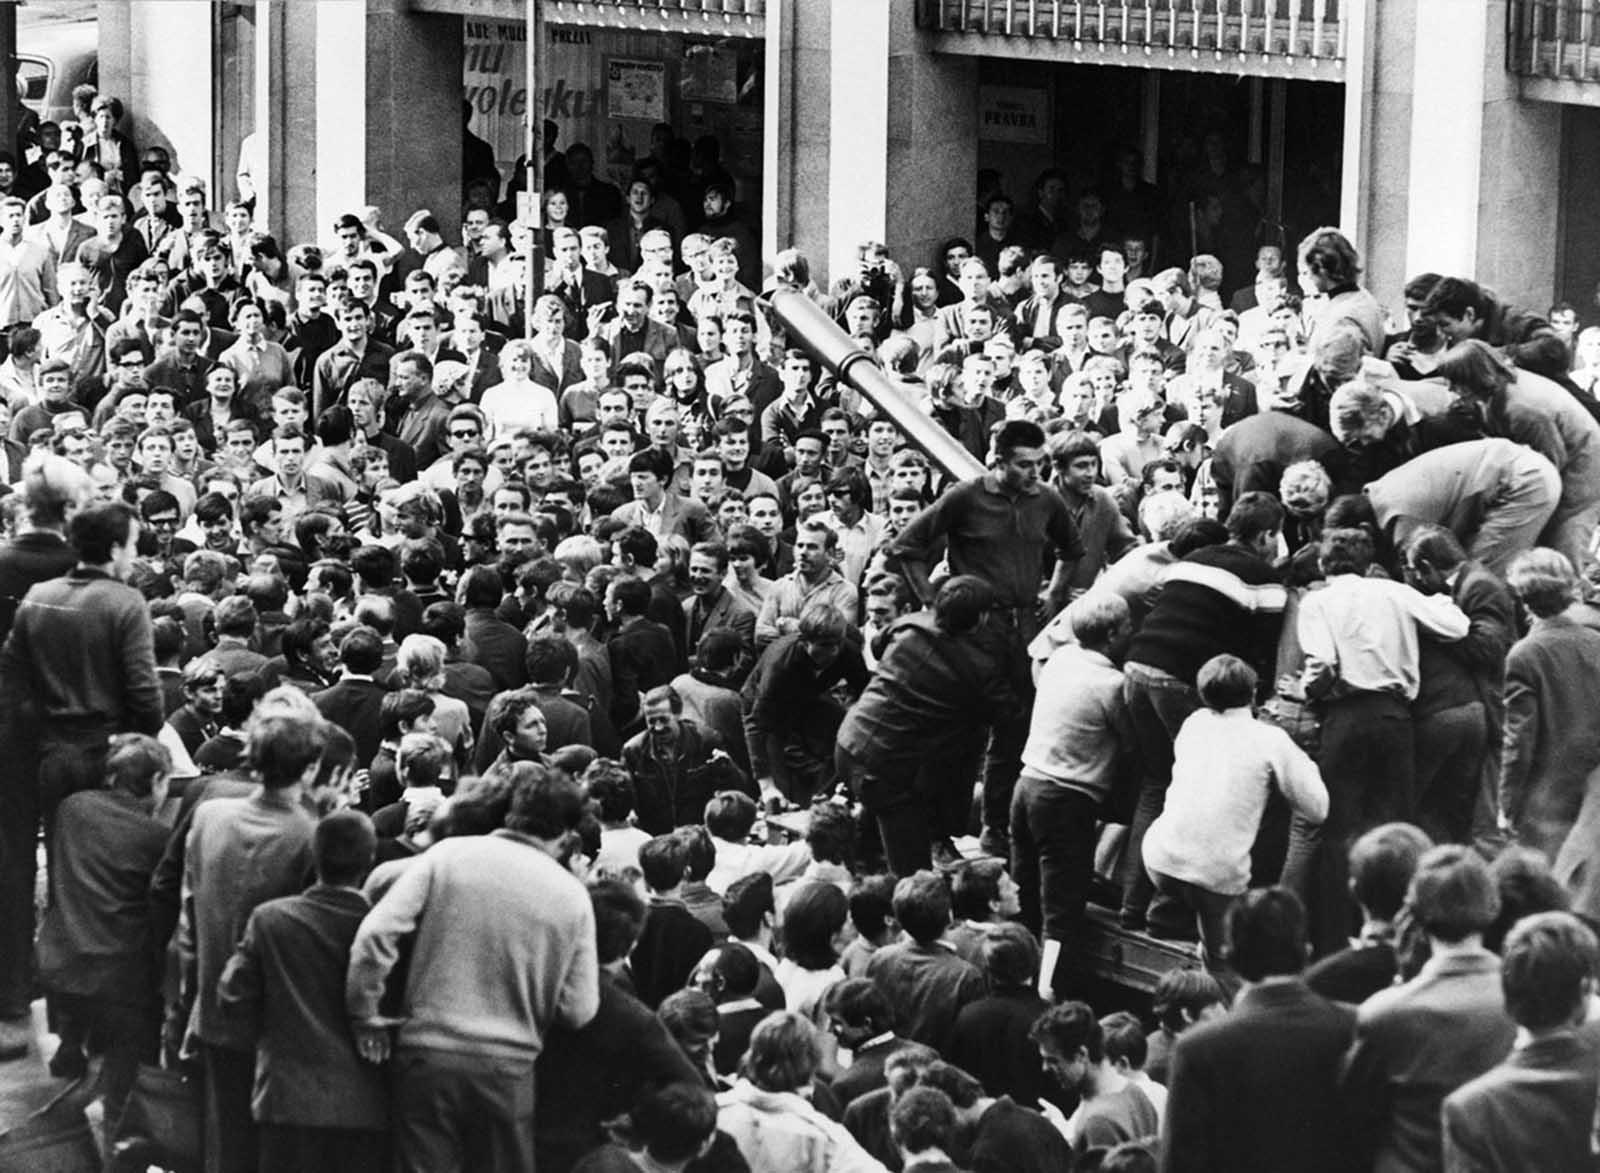 Los ciudadanos enojados rodean un tanque soviético y suben a su torreta para burlarse de la tripulación en Bratislava, Checoslovaquia, el 22 de agosto de 1968.